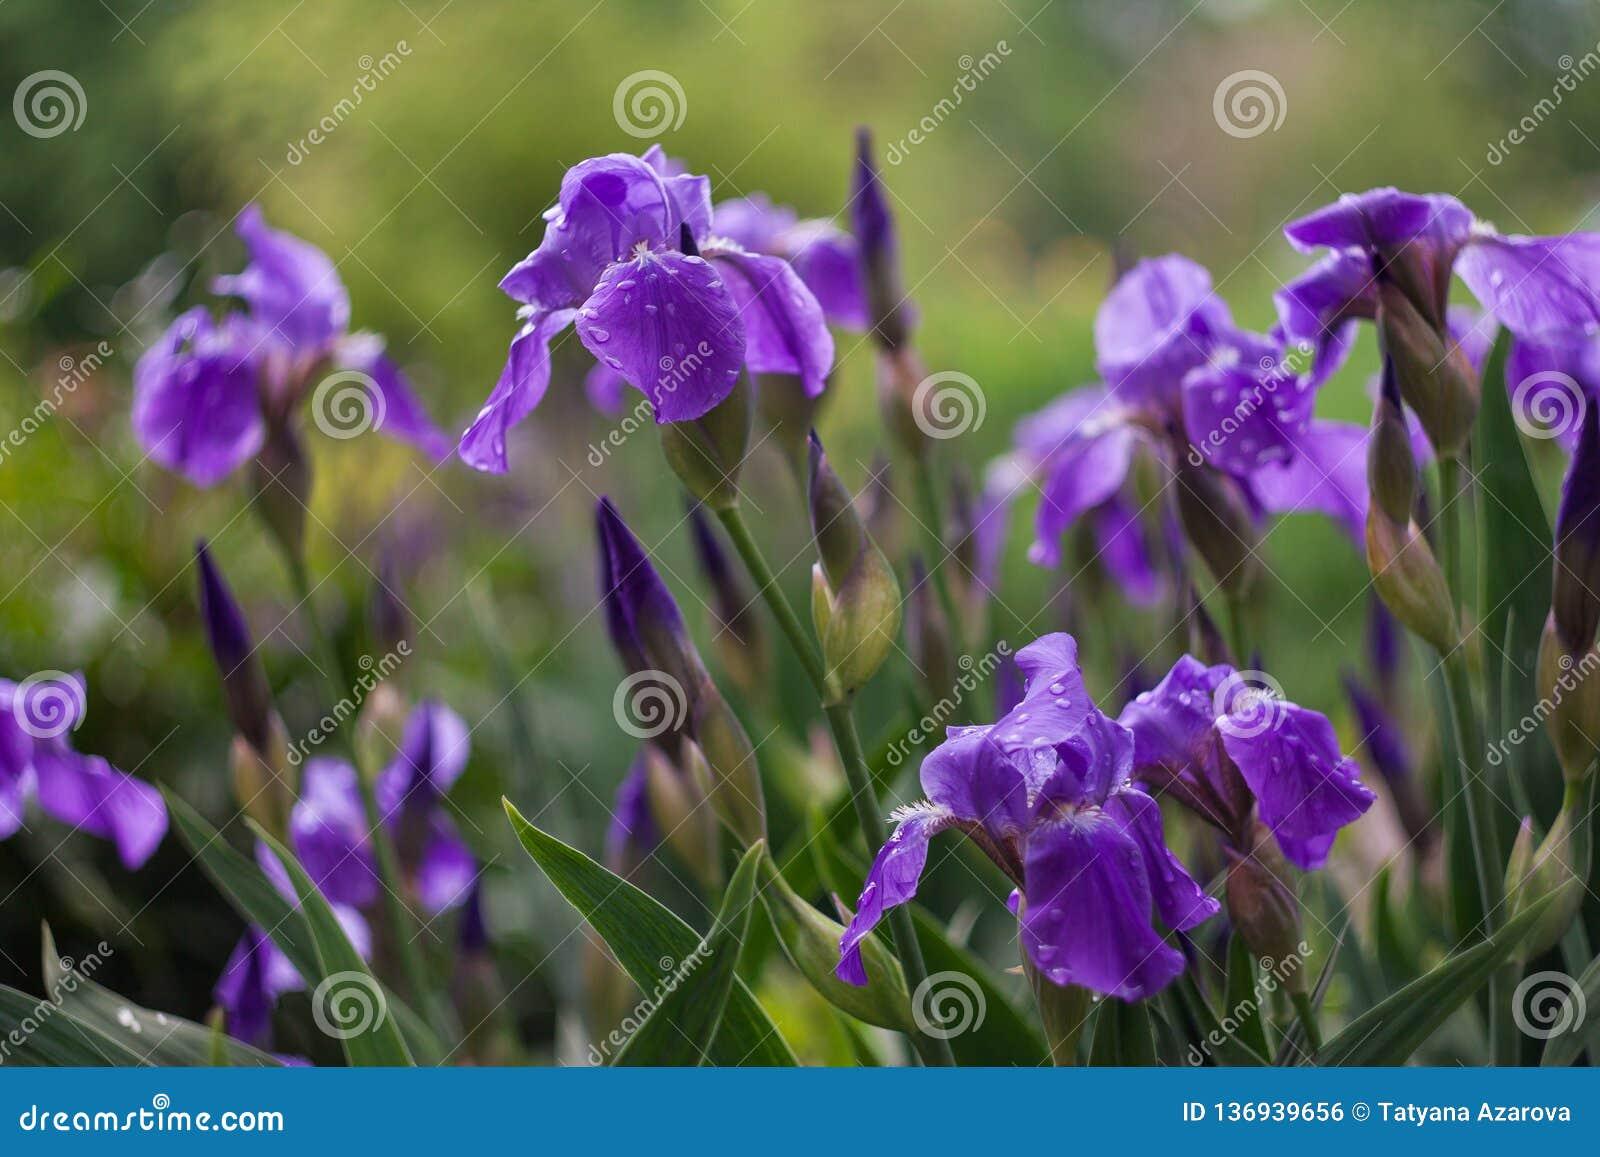 Le iridi porpora fioriscono in un giardino verde in primavera